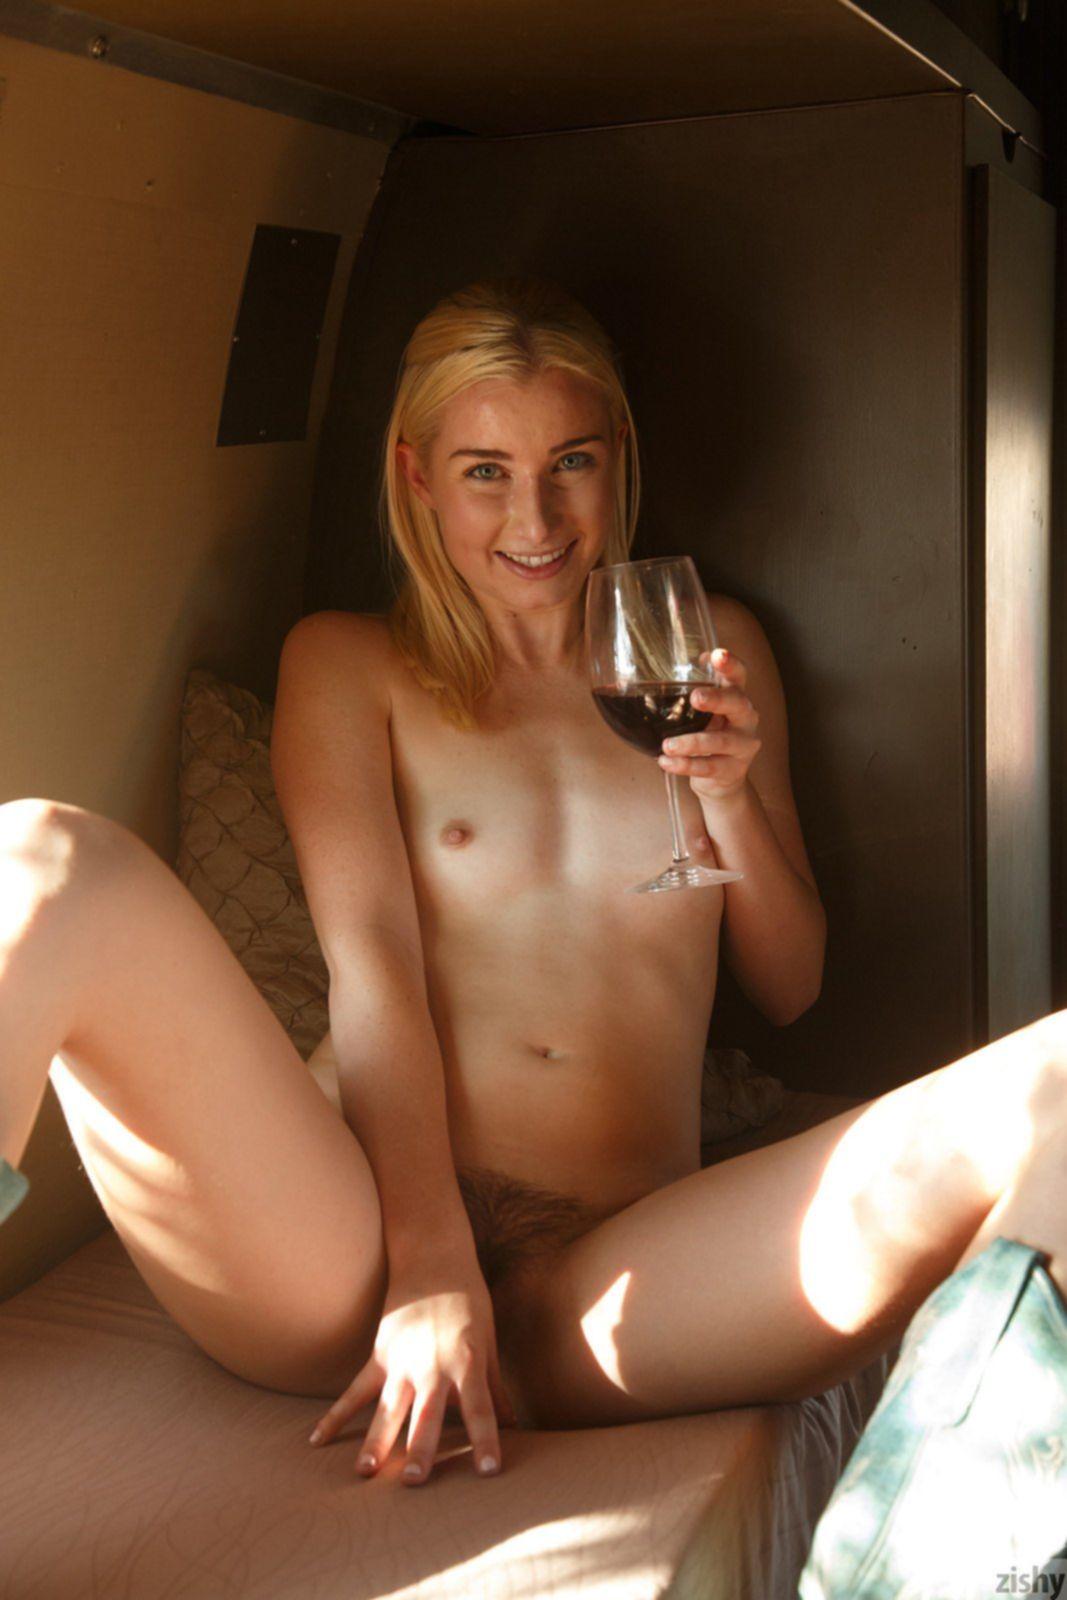 Блондинка с волосатым лобком голая позирует в трейлере - фото